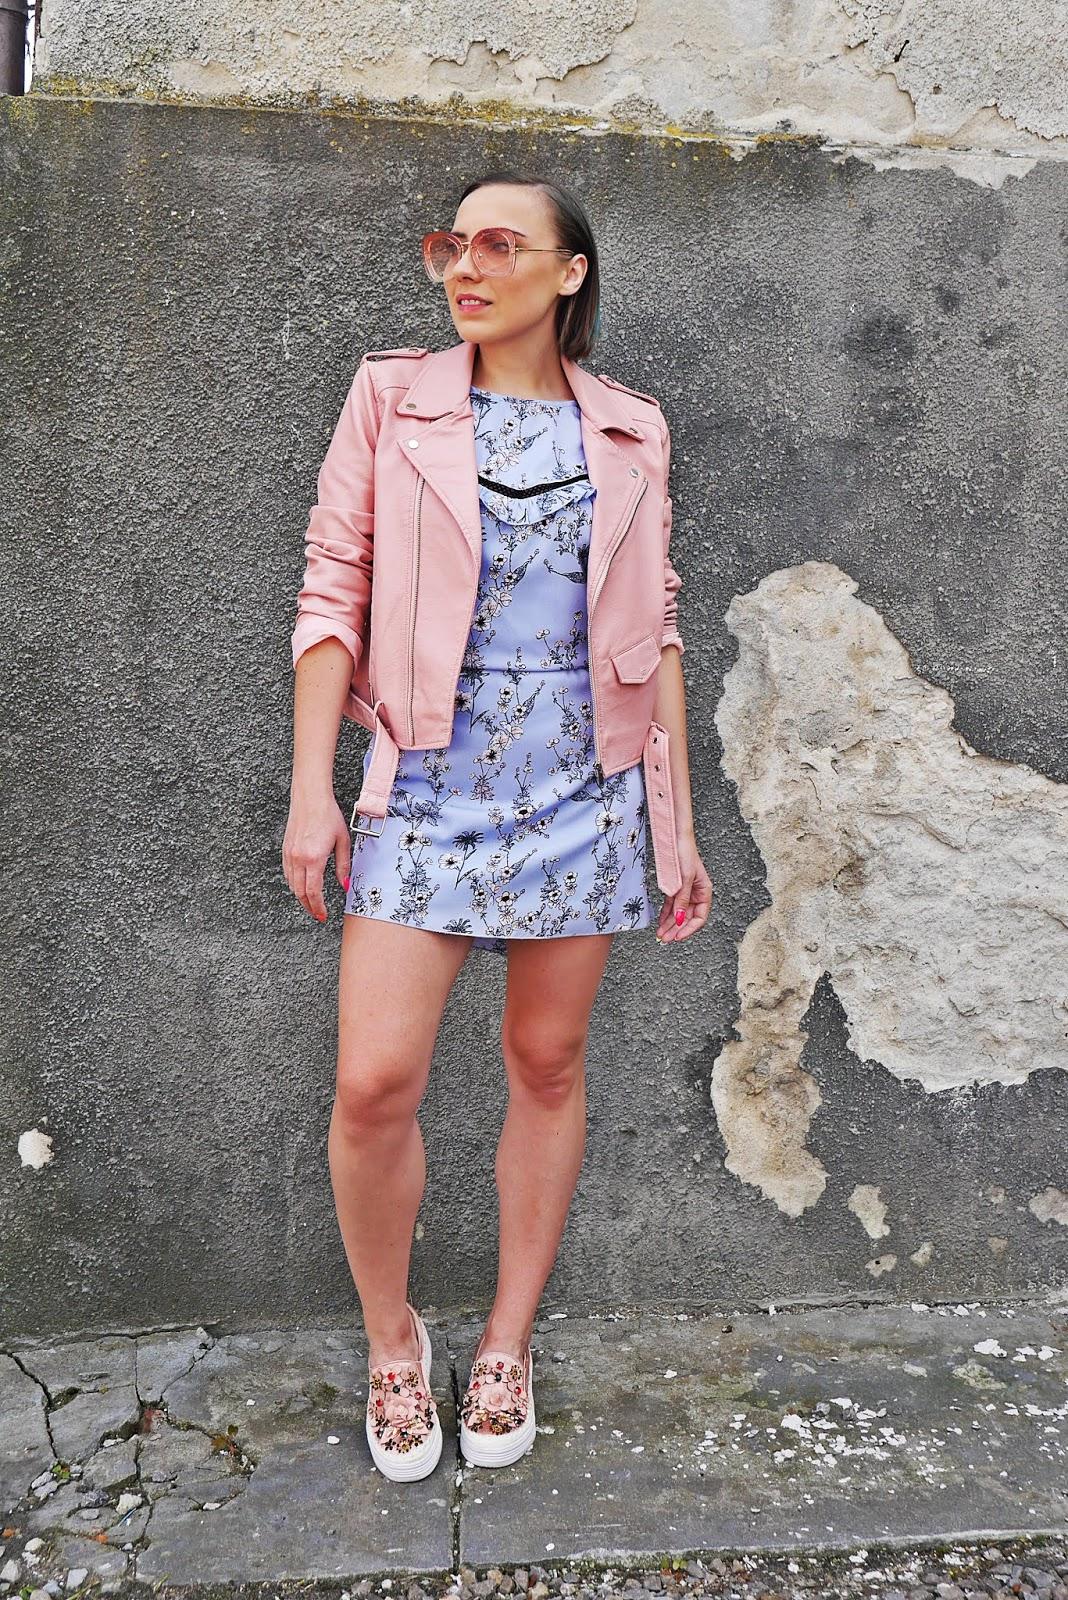 4_sukienka_w_kwaity_bonprix_rozowa_ramoneska_buty_renee_karyn_blog_modowy_200518